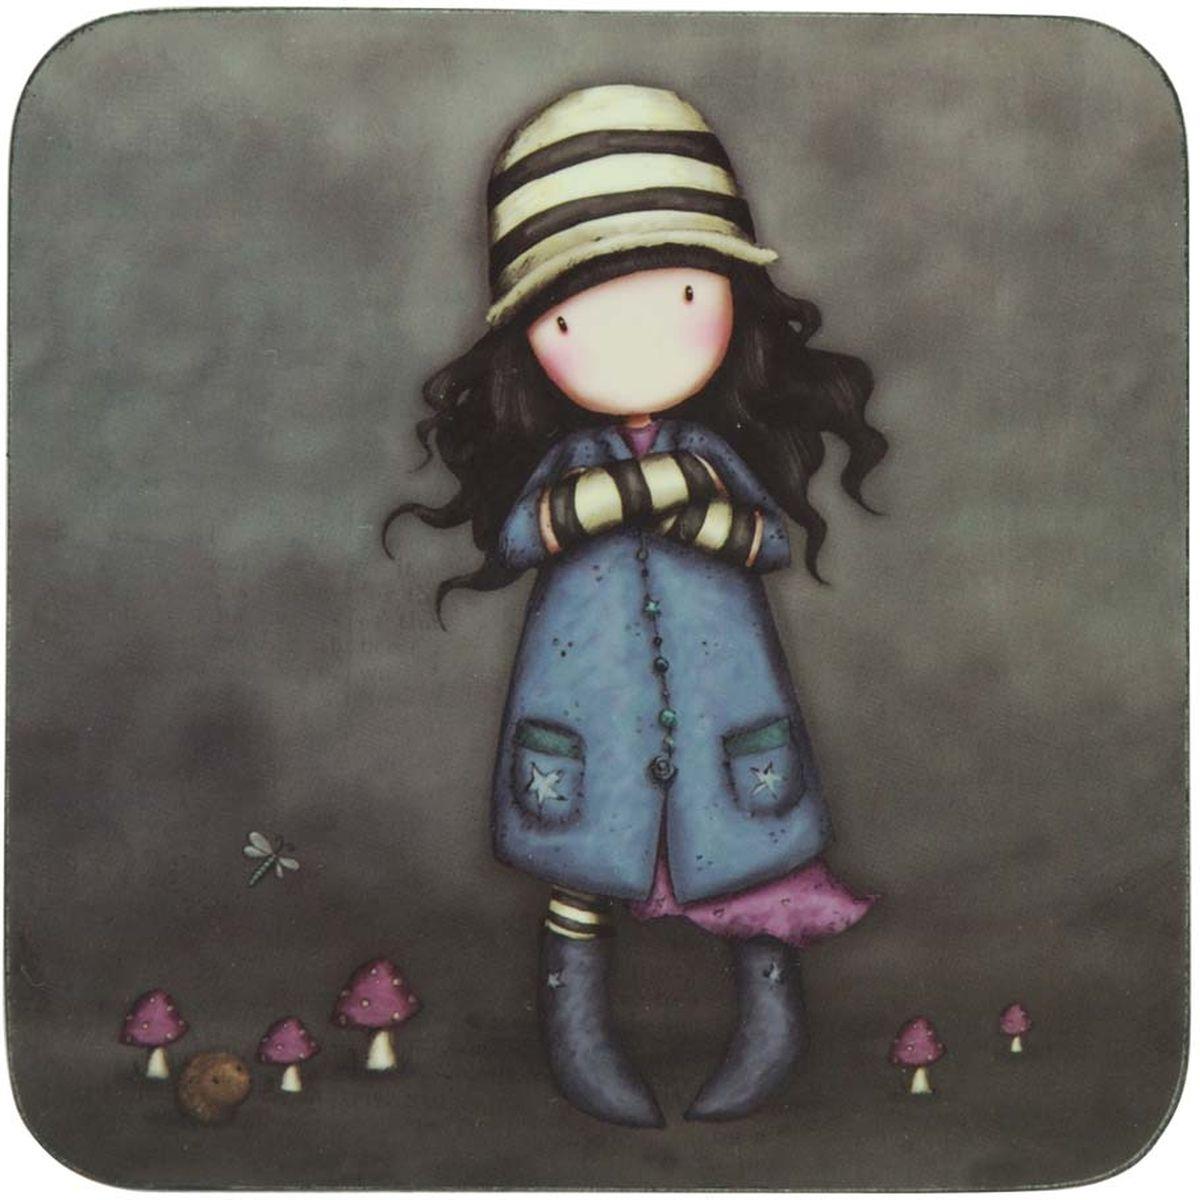 Подставка под горячее Santoro London Toadstools, цвет: серый, голубой, 10 х 10 см